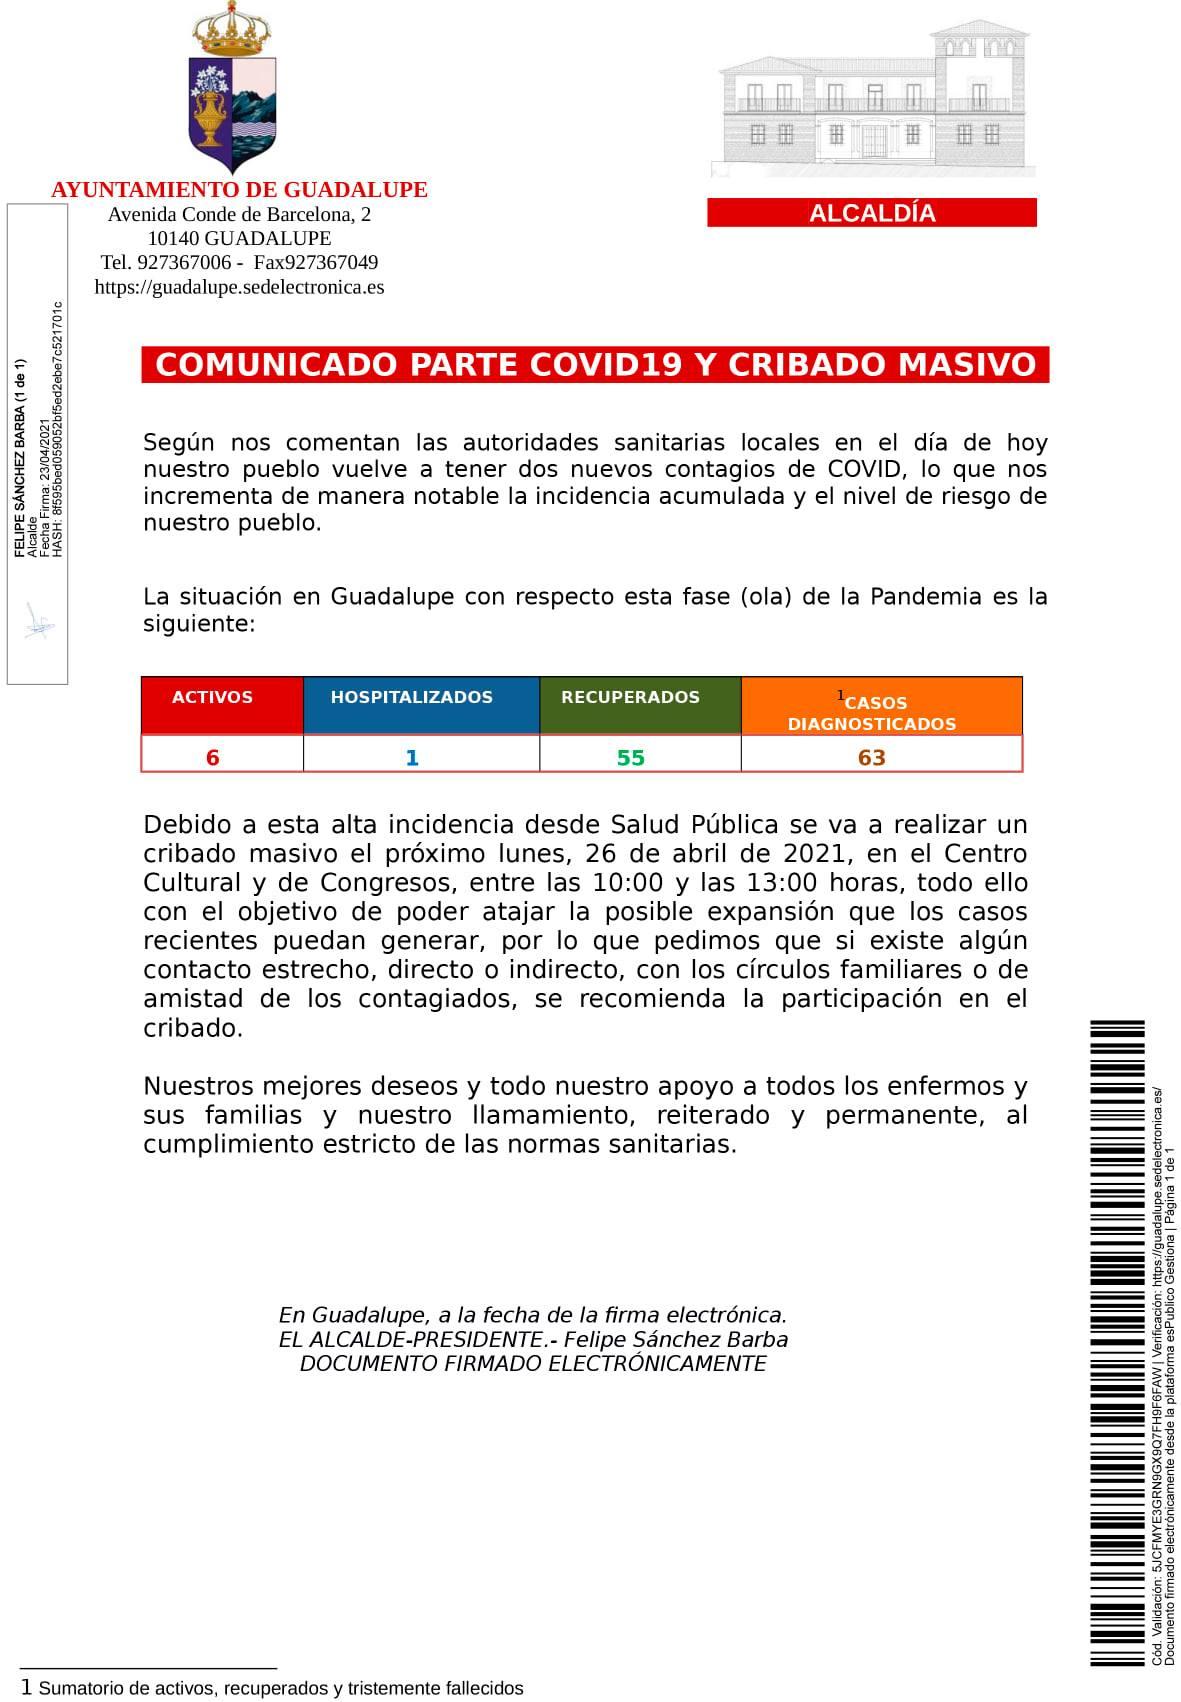 6 casos positivos activos de COVID-19 (abril 2021) - Guadalupe (Cáceres)